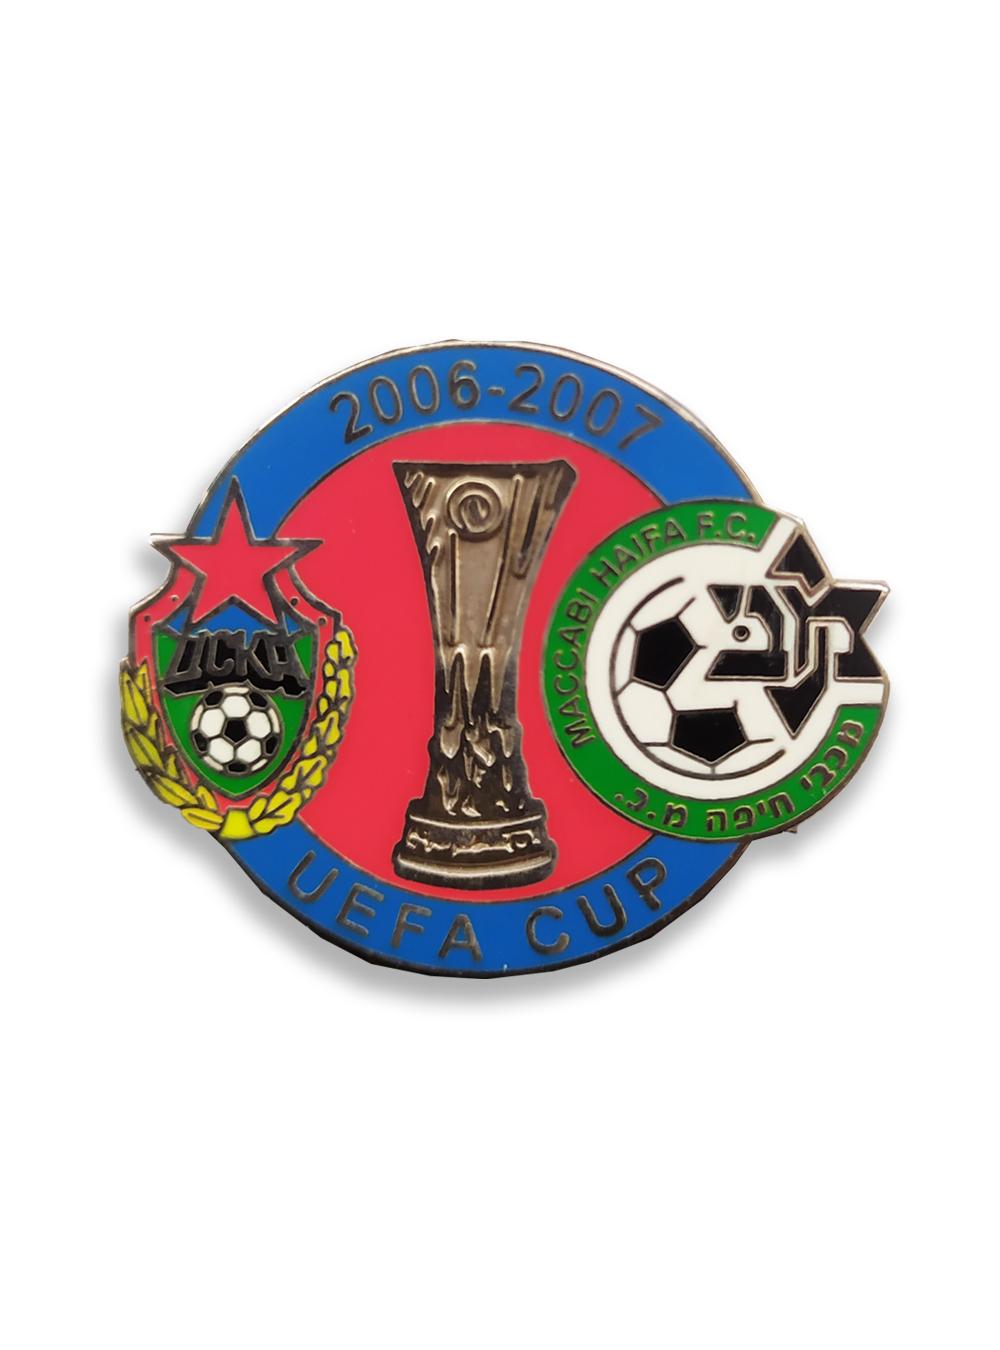 Коллекционный значок Кубок УЕФА 2006-2007 1/16 финала фото